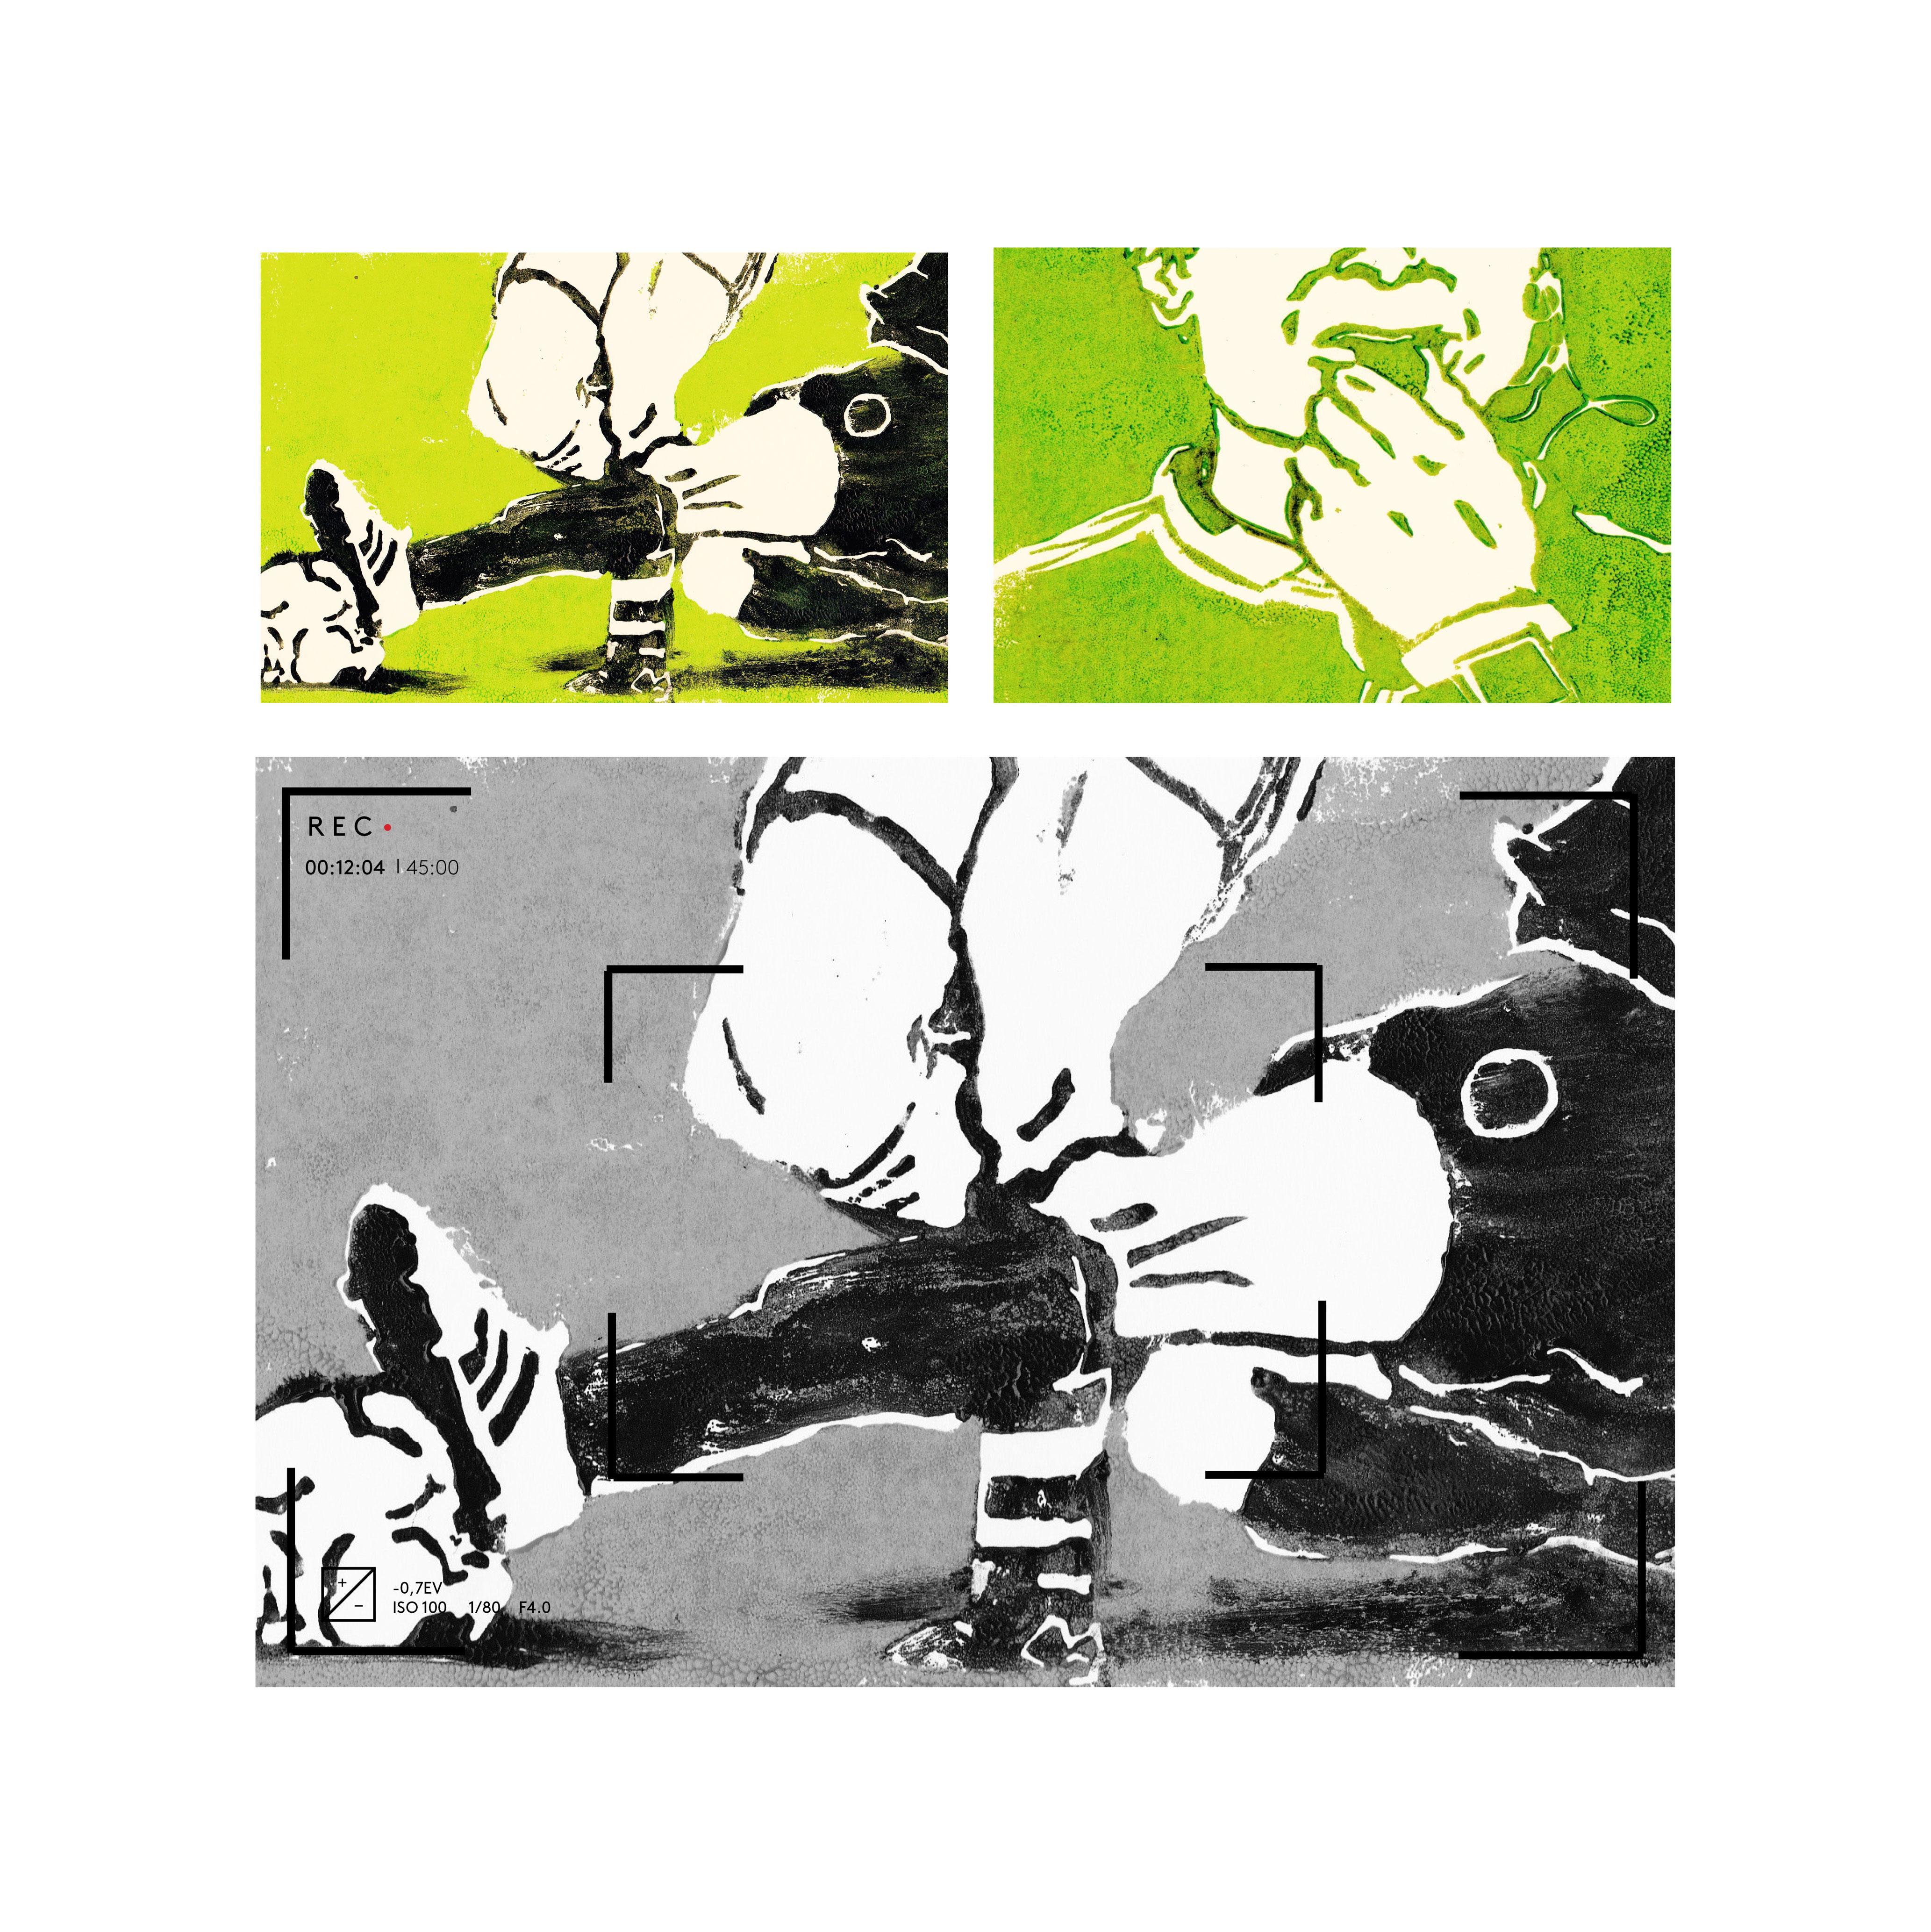 Gravures de Manor Askenazi sur le thème de l'arbitrage vidéo dans le football.